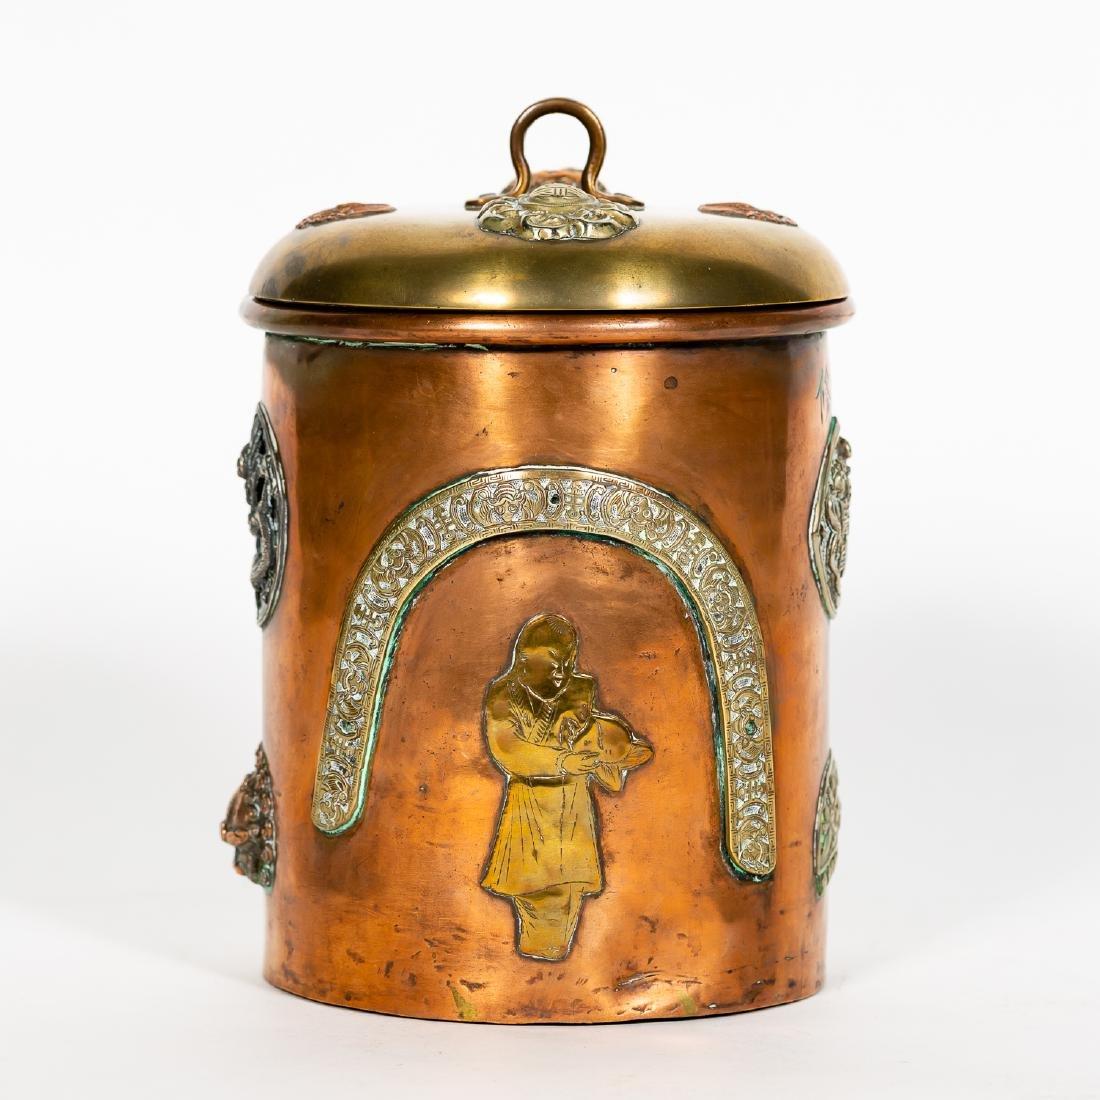 19th C. Mixed Metal Asian Lidded Jar